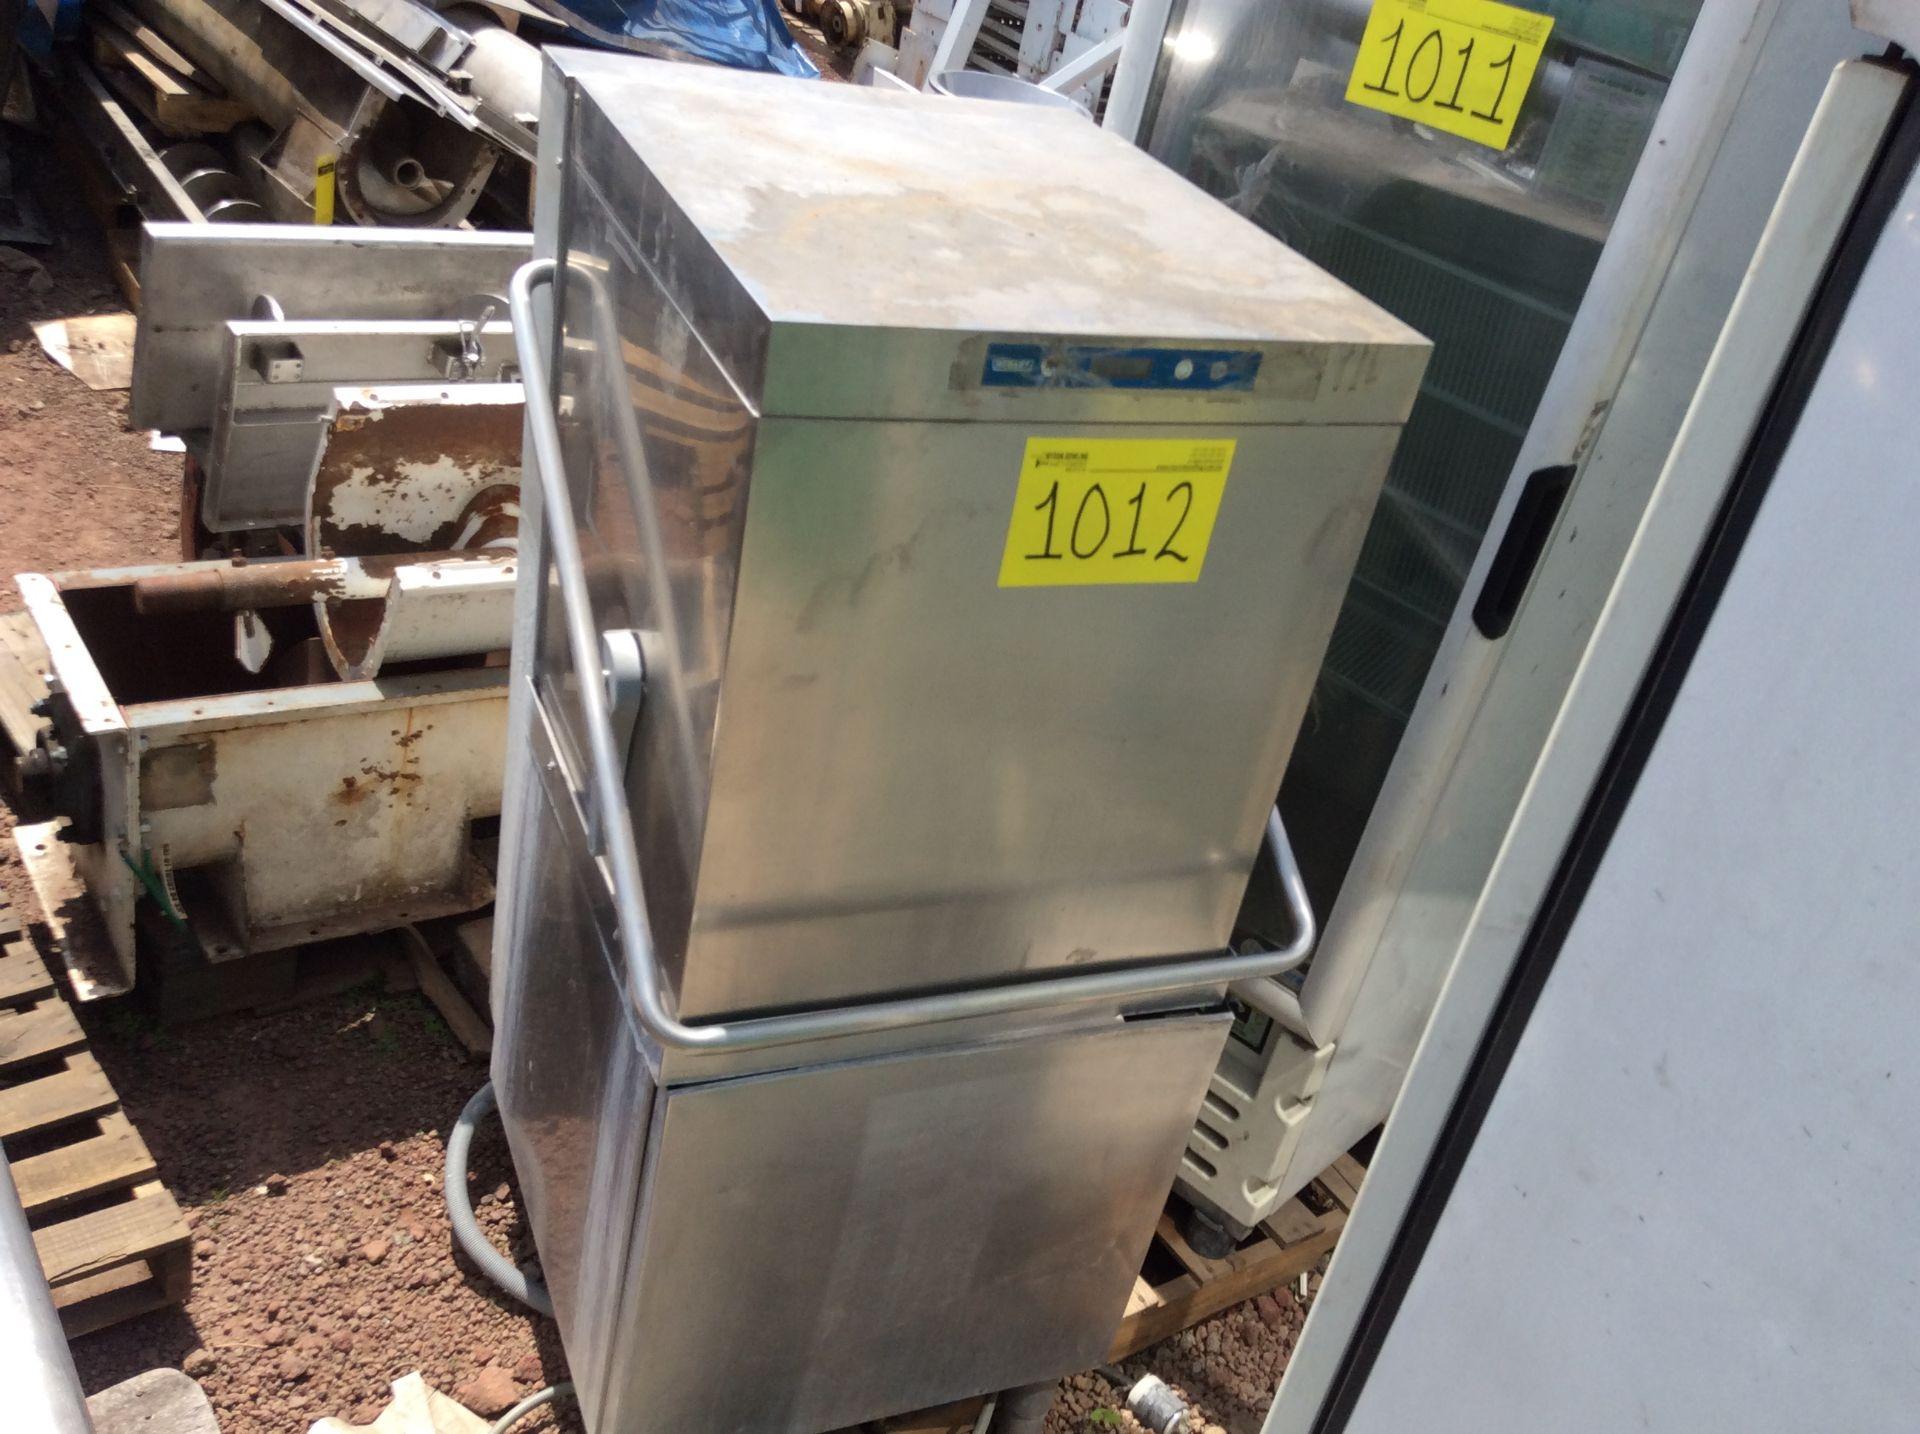 1 AMS Vending machine, 1 Hobart dishwasher - Image 8 of 11